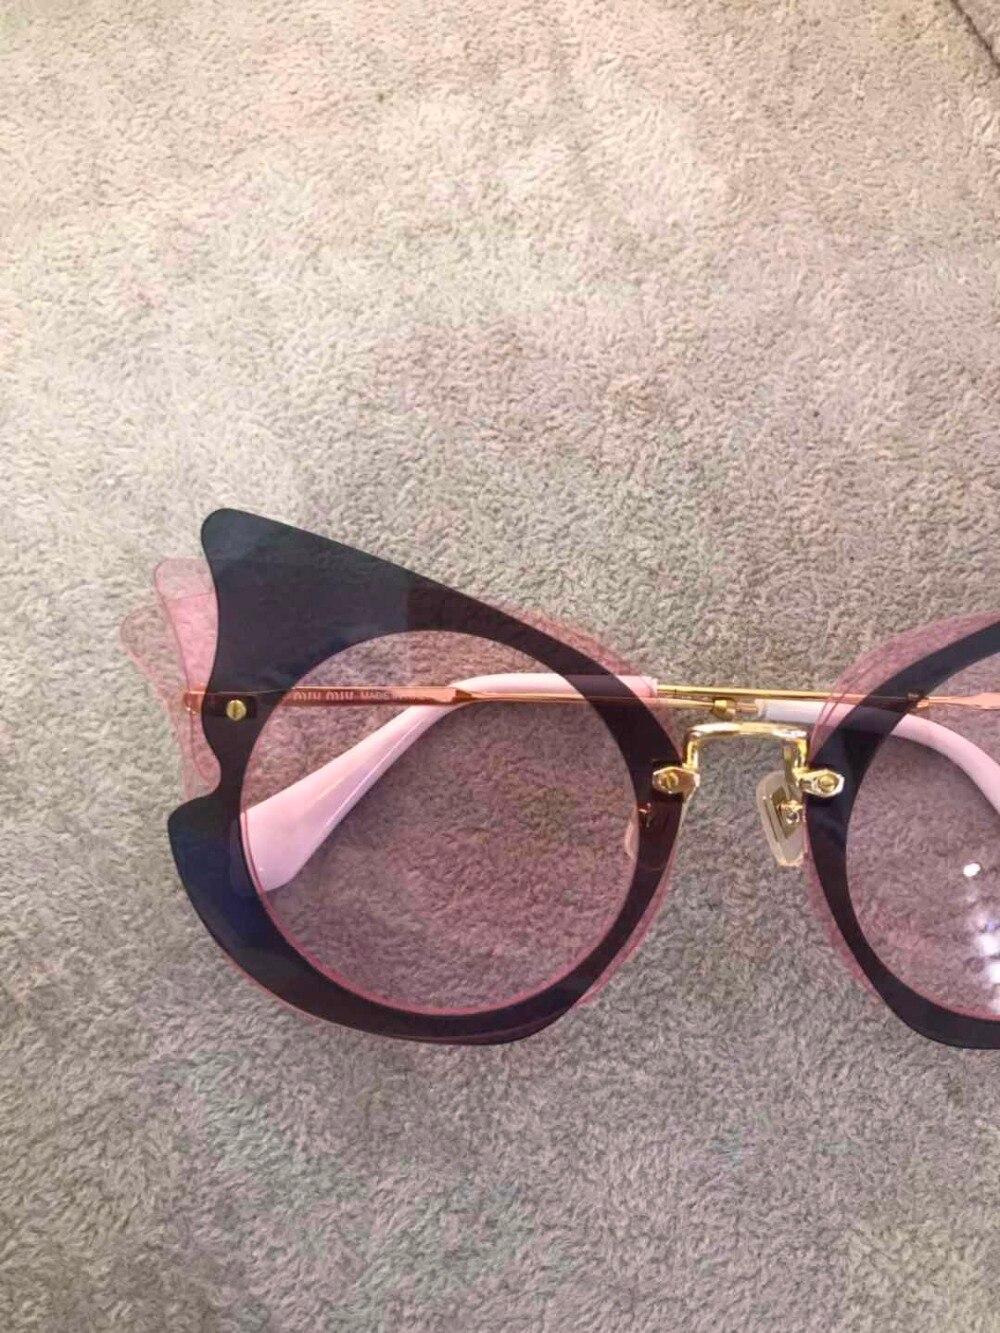 Luxus Marke Designer Carter Für Runway 2019 Sonnenbrille Gläser Frauen K0303 qp456Owx